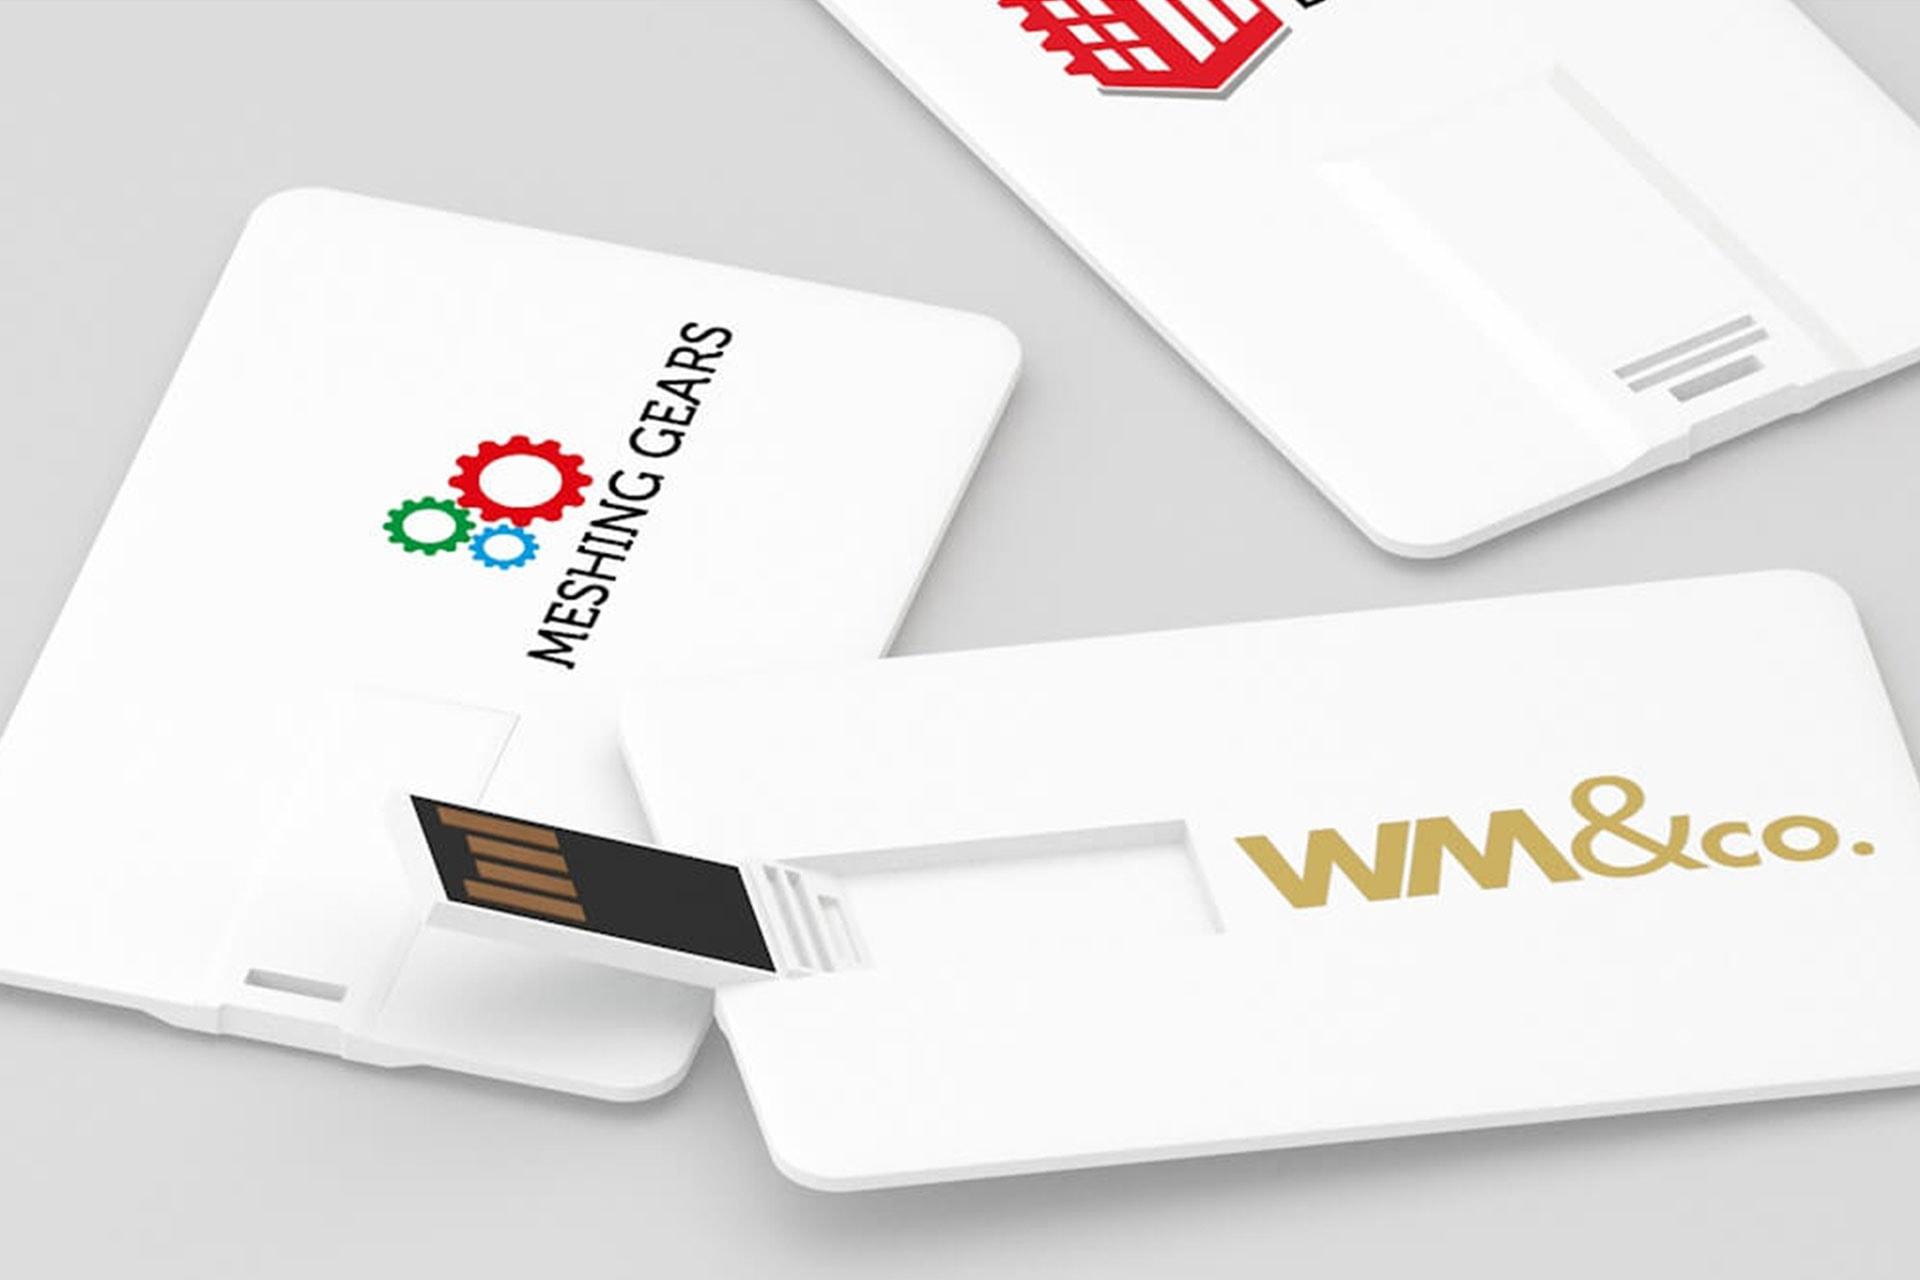 Usb personalizzata forma di card